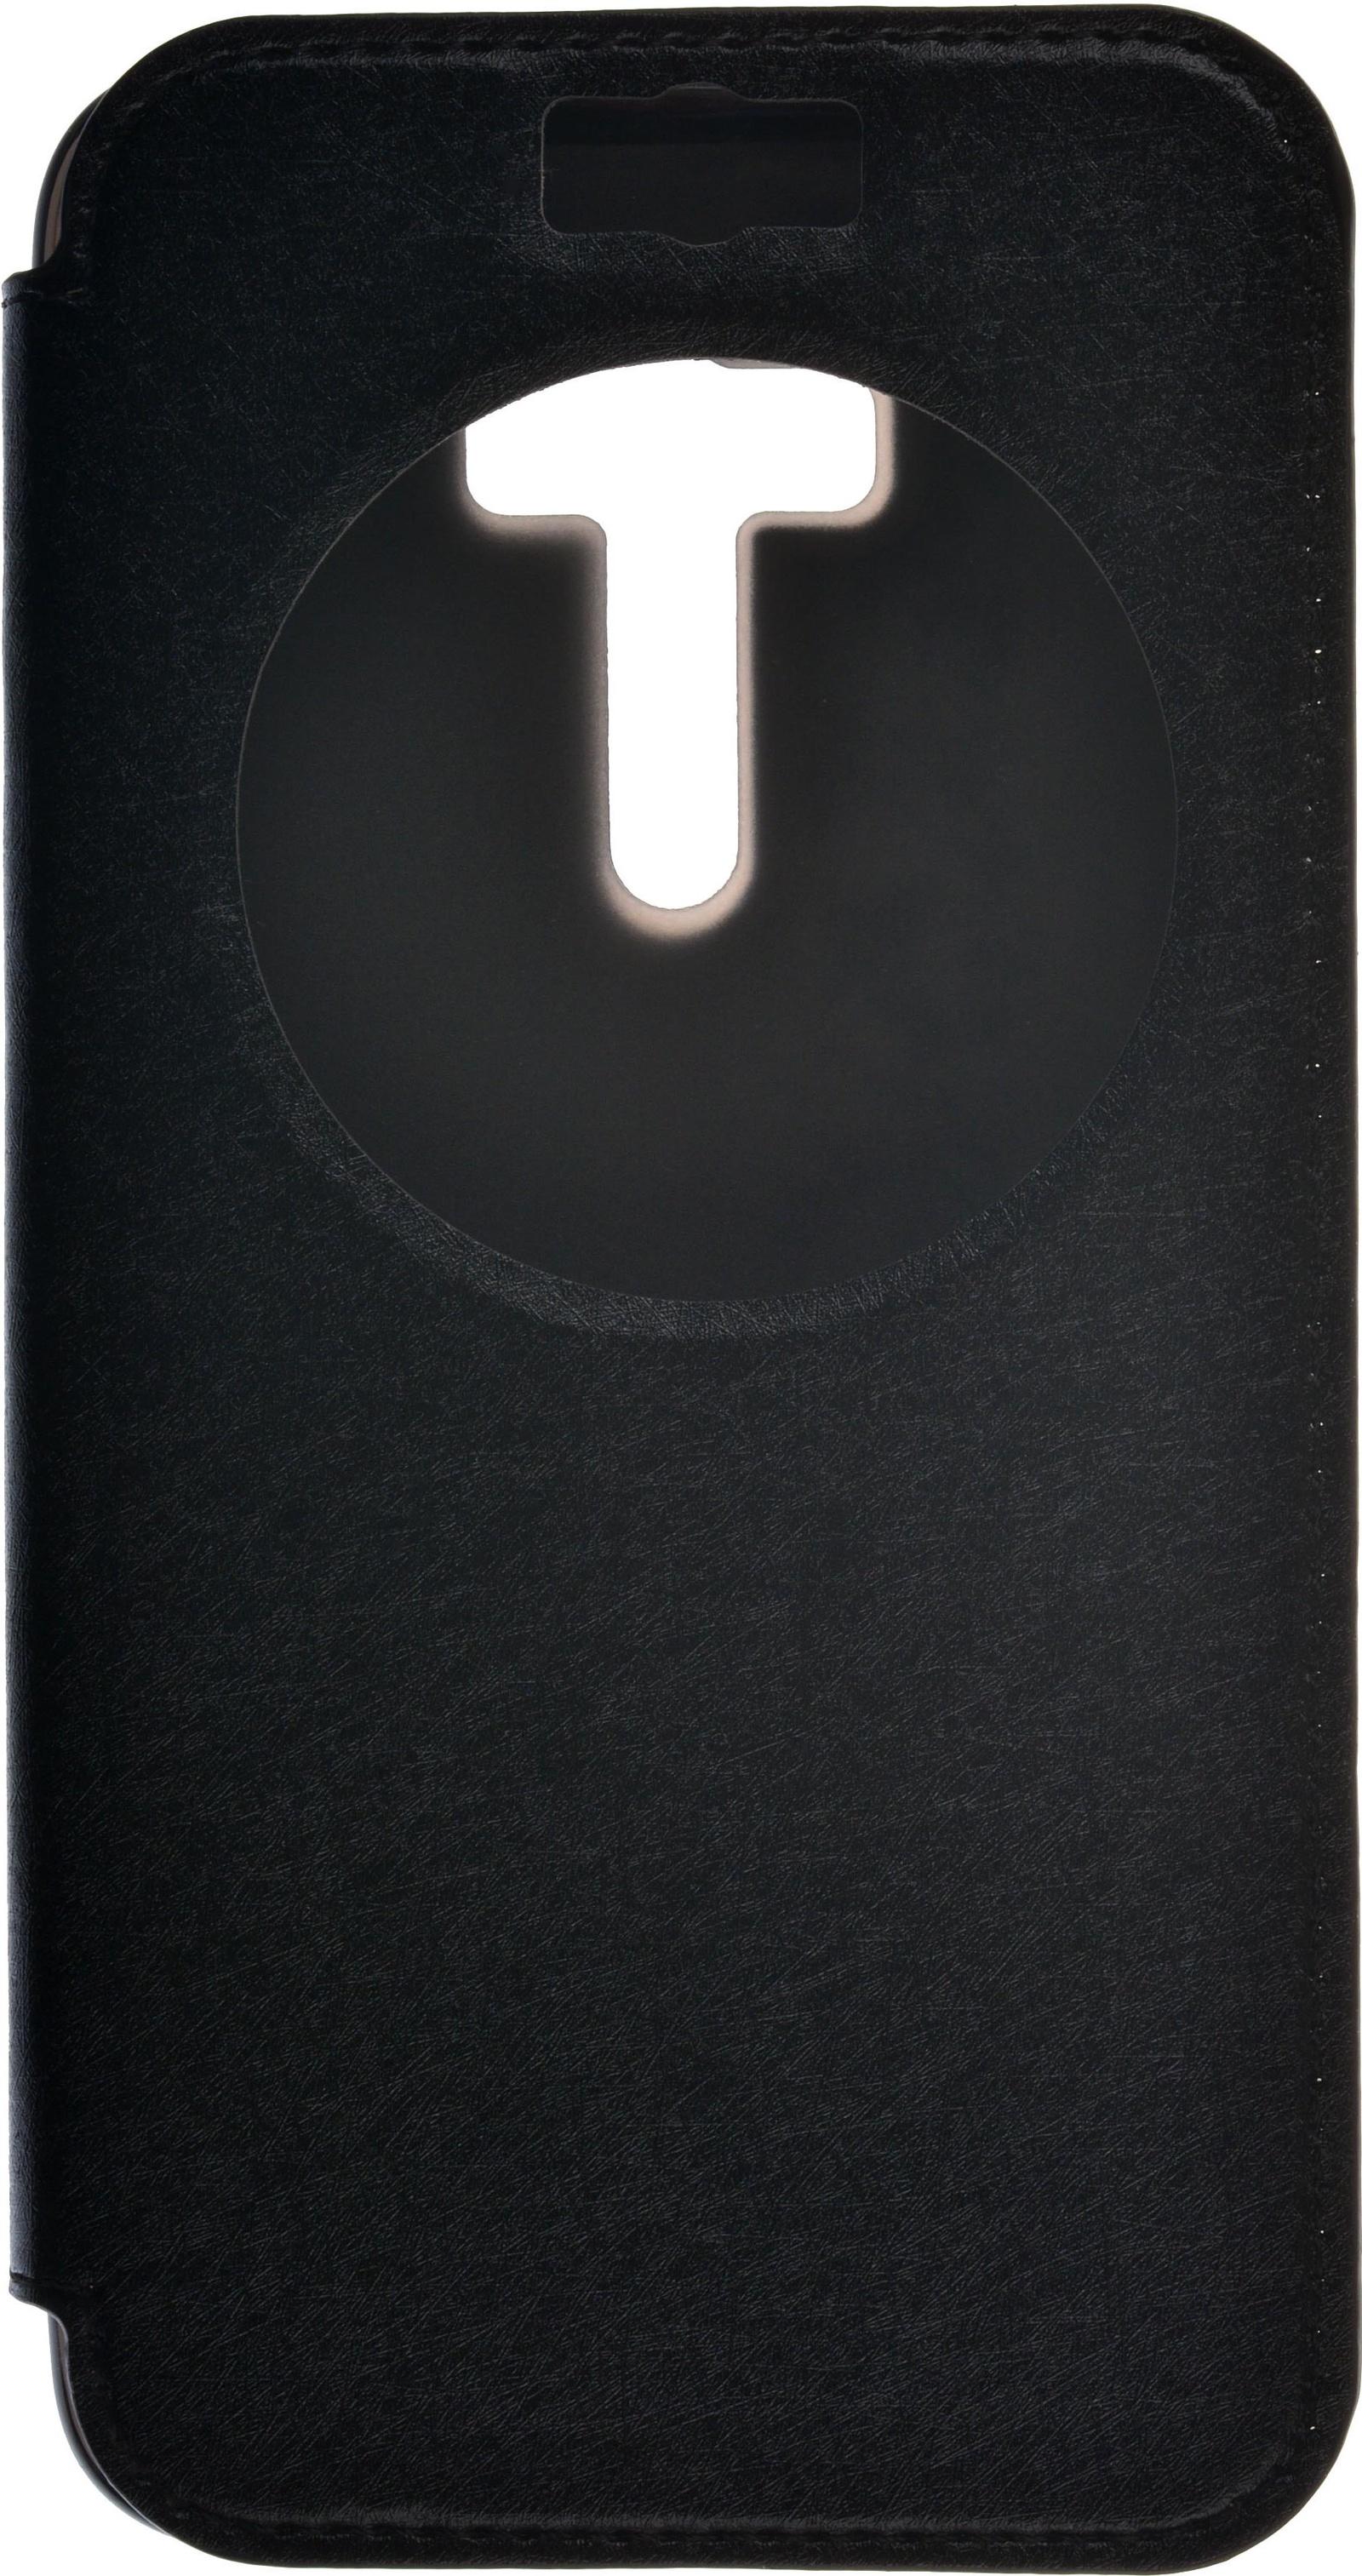 Чехол для сотового телефона skinBOX MS, 4630042527782, черный все цены